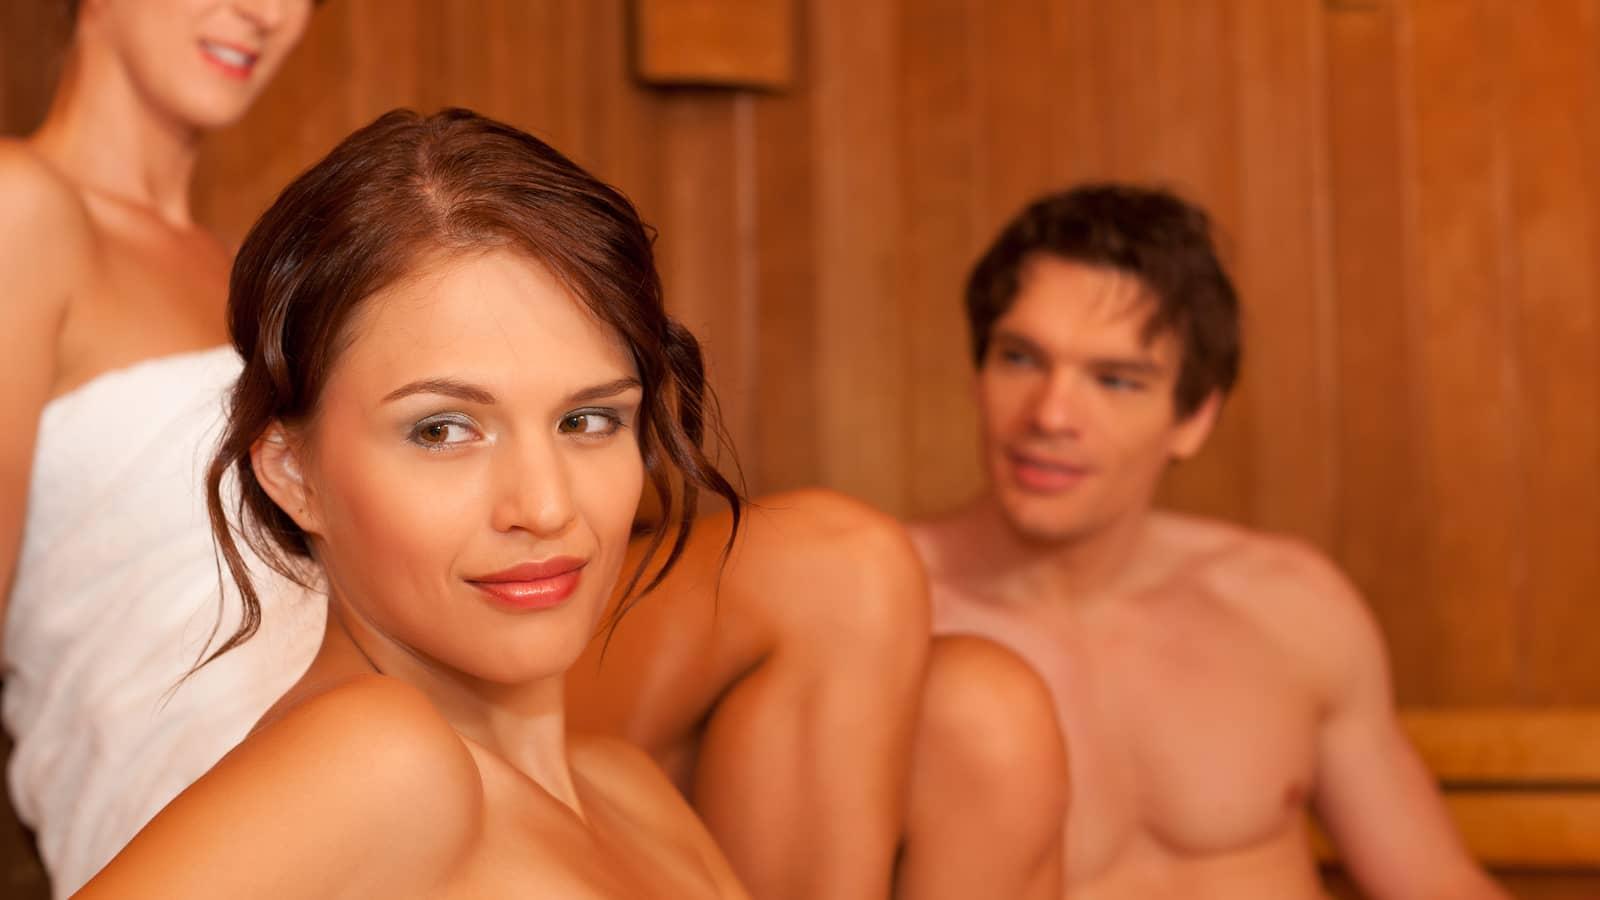 Пригласили подругу для секса, Секс Пригласили Подругу (найденопорно видео.) 23 фотография